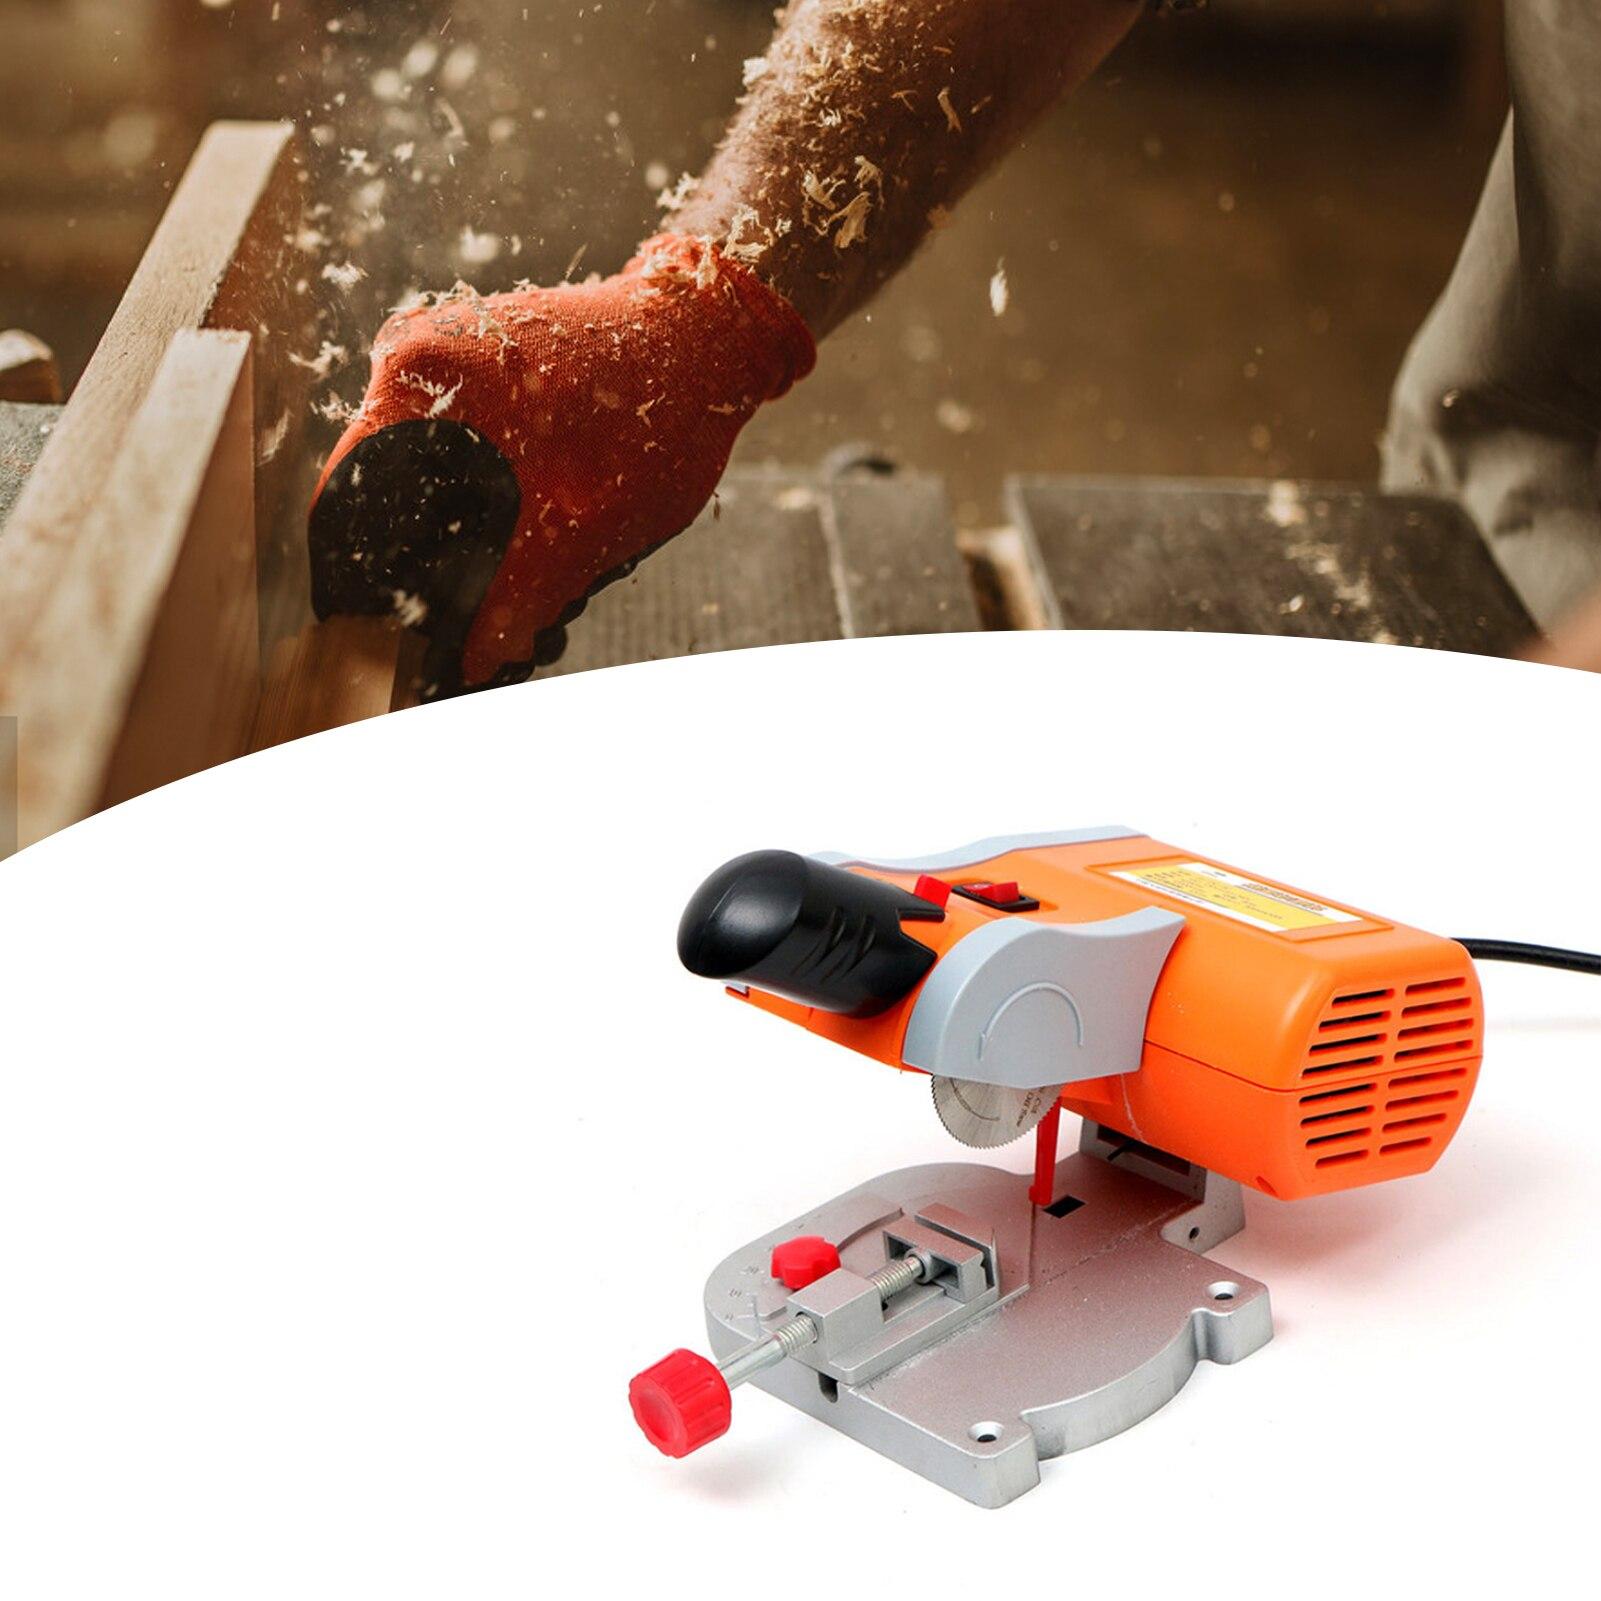 آلة قطع فولاذية صغيرة محمولة 90 وات ، 10000 دورة في الدقيقة ، 50 مللي متر ، منشار ميتري ، آلة قطع بلاستيكية ، خشب ، نحاس